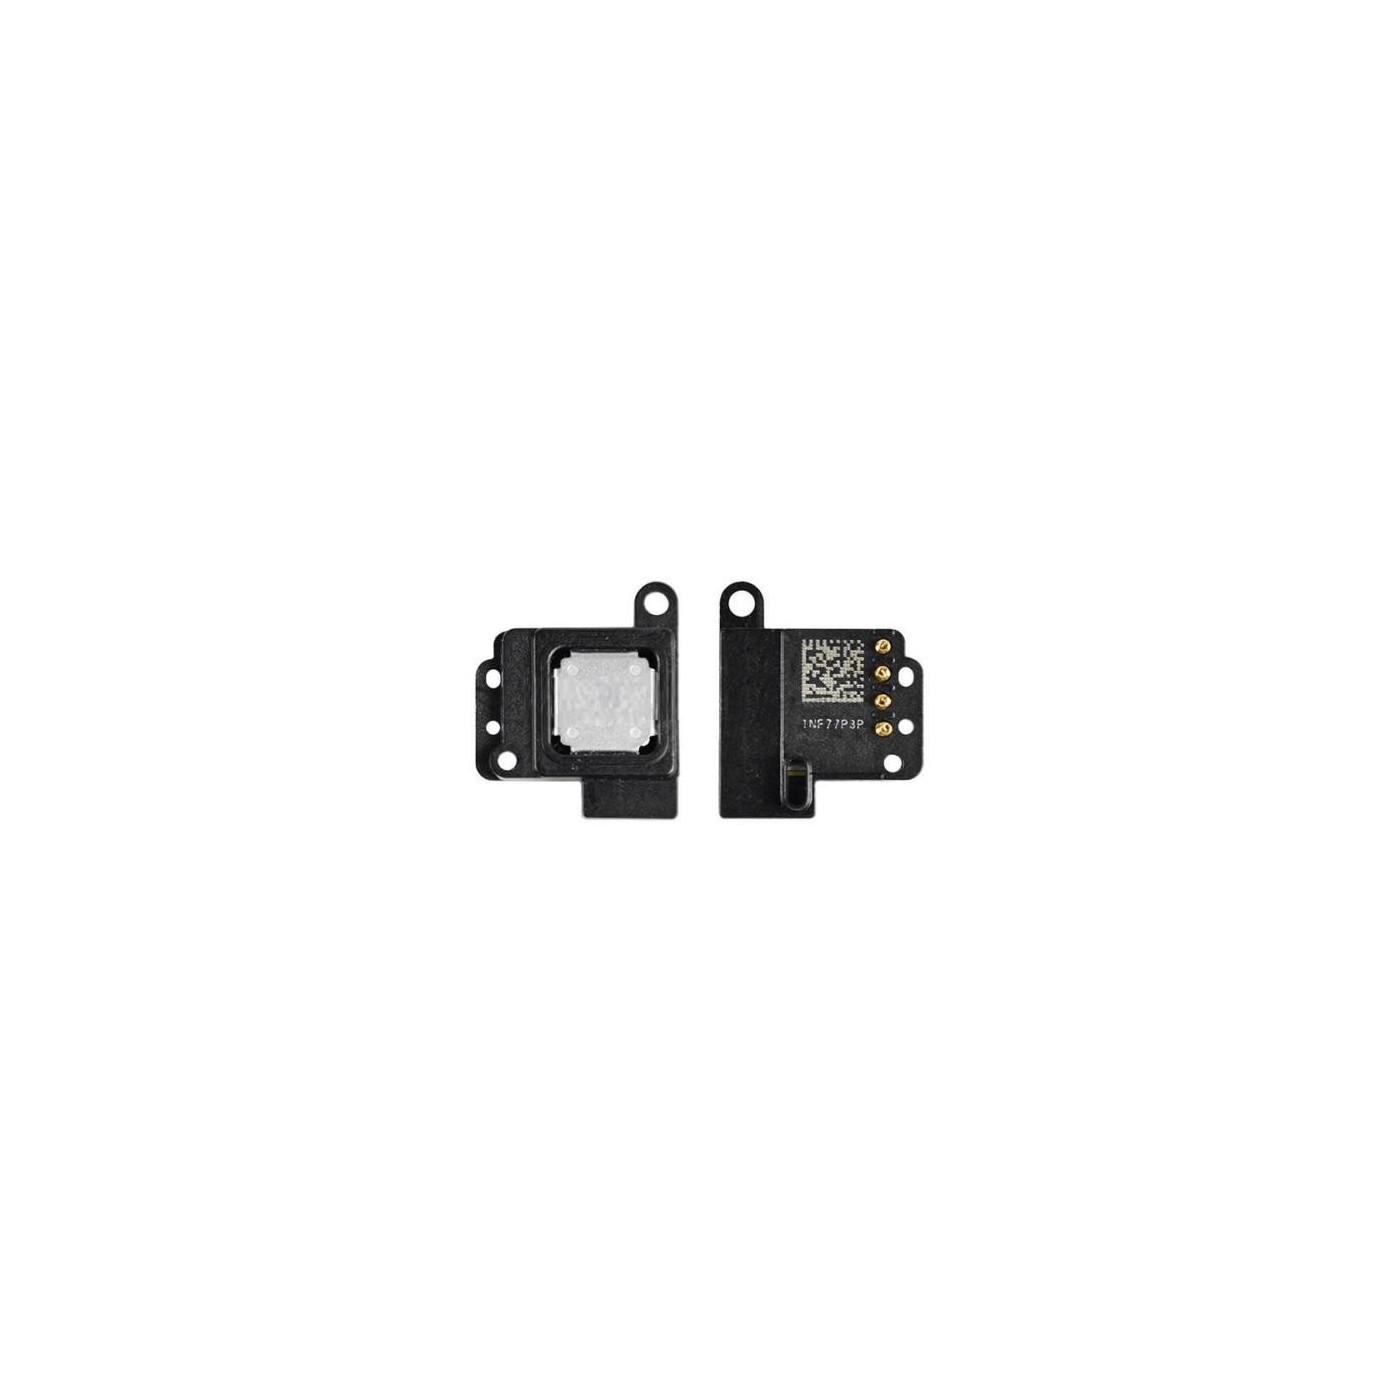 Ohrlautsprecher Top-Lautsprecher für Apple Iphone 5s Ersatz